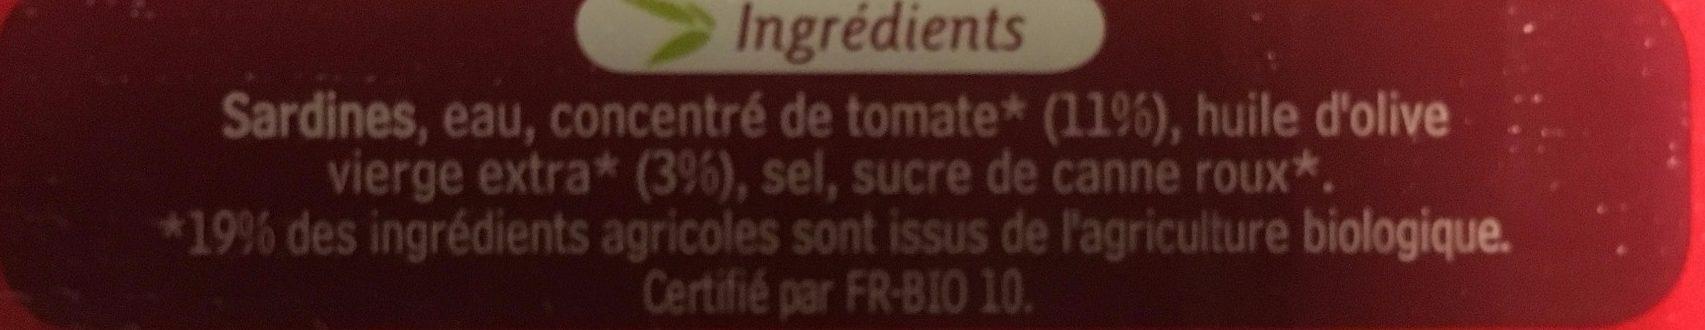 Sardines de Bretagne à la Sauce Tomate à l'Huile d'Olive Bio - Ingrédients